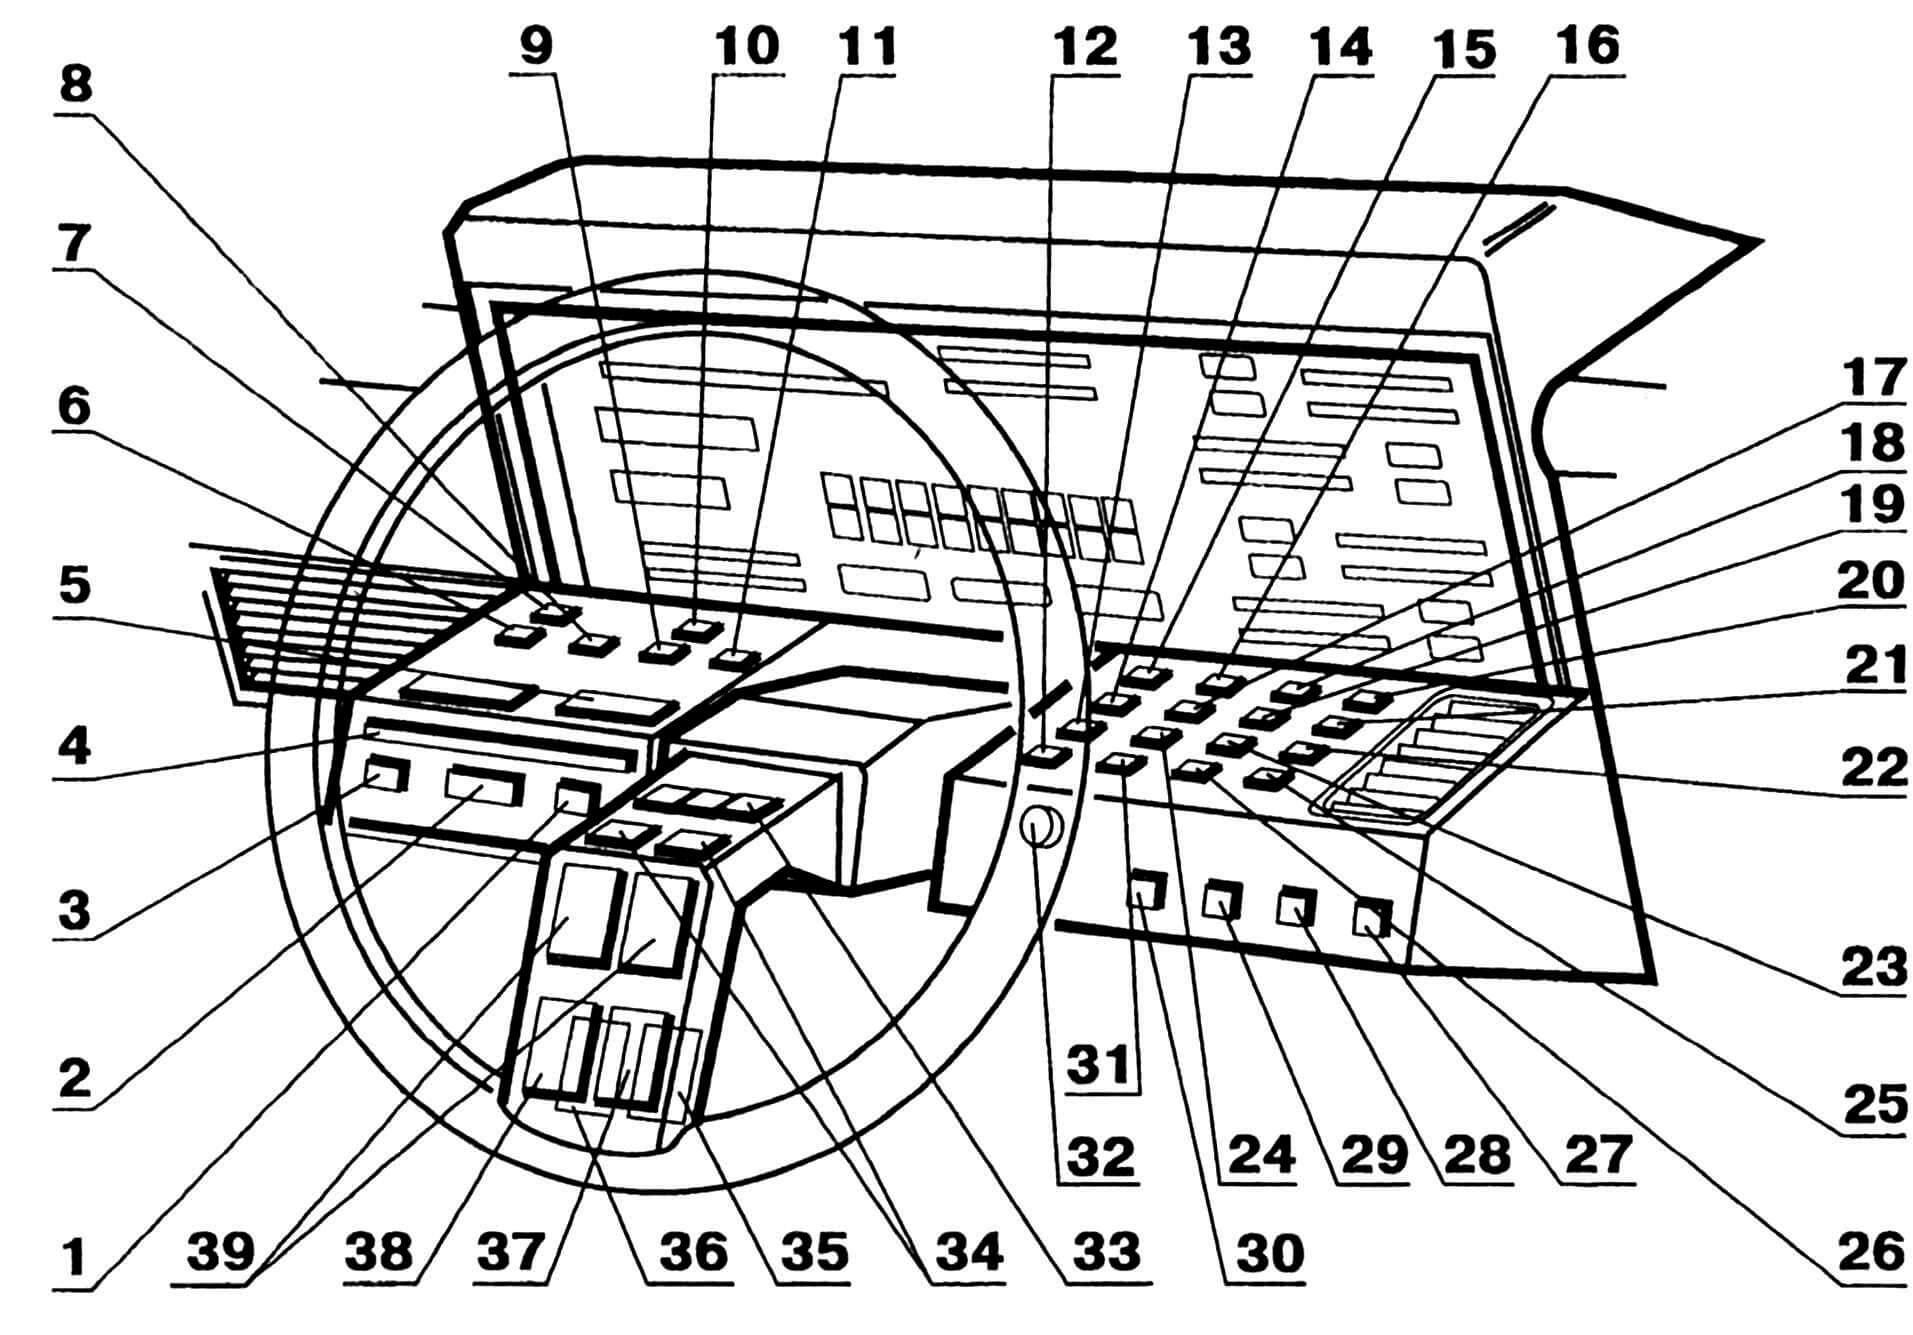 Приборная панель автомобиля ASTON MARTIN LAGONDA: 1,2,3 — клавиши управления коробкой передач (КПП); 4 — индикатор КПП для ночного времени; 5 — клавиша включения задней передачи; 6,8,9 — переключатели топливных баков; 7 — включатель обогрева заднего стекла; 10,11 — включатели омывателя заднего стекла; 12,13 — клавиши управления стеклоочистителями; 14 — 26 — клавиши установки текущего времени; 27 — включатель головных фар; 28,29 — включатели указателей поворотов; 30 — включатель плафонов салона; 31 — включатель подсветки дисплея; 32 — кнопка сигнала аварийной остановки; 33 — клавиша круиз-контроля; 34 — переключатели (ближний-дальний) света; 35 — 38 — клавиши управления (дублированное) стеклоочистителями; 39 — кнопки звукового сигнала.